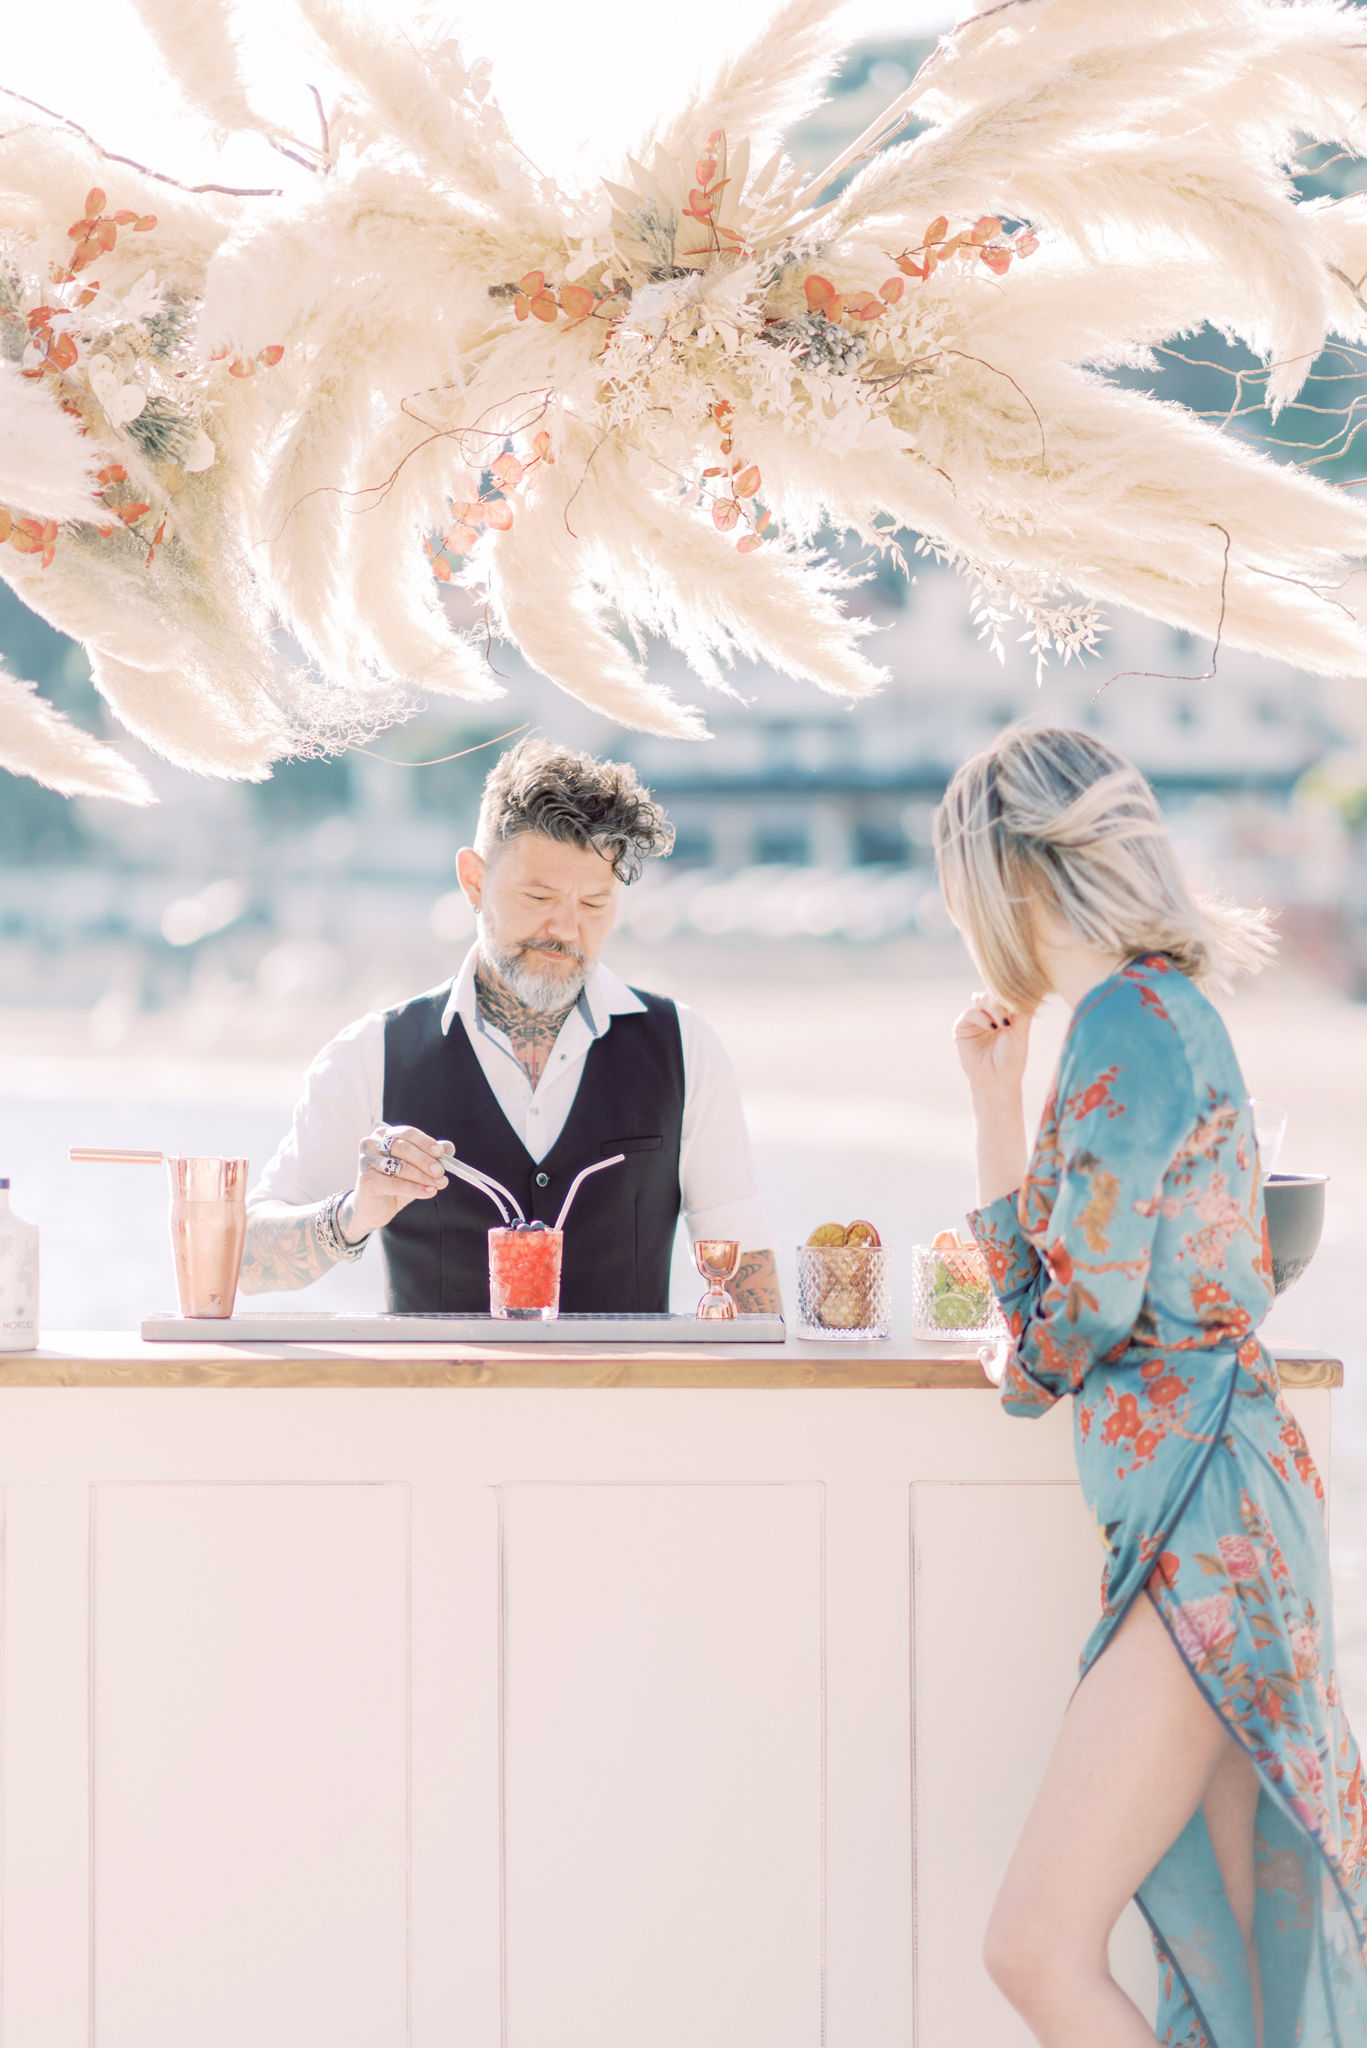 Unforgettable Wedding Reception Makes Successful Destination Wedding